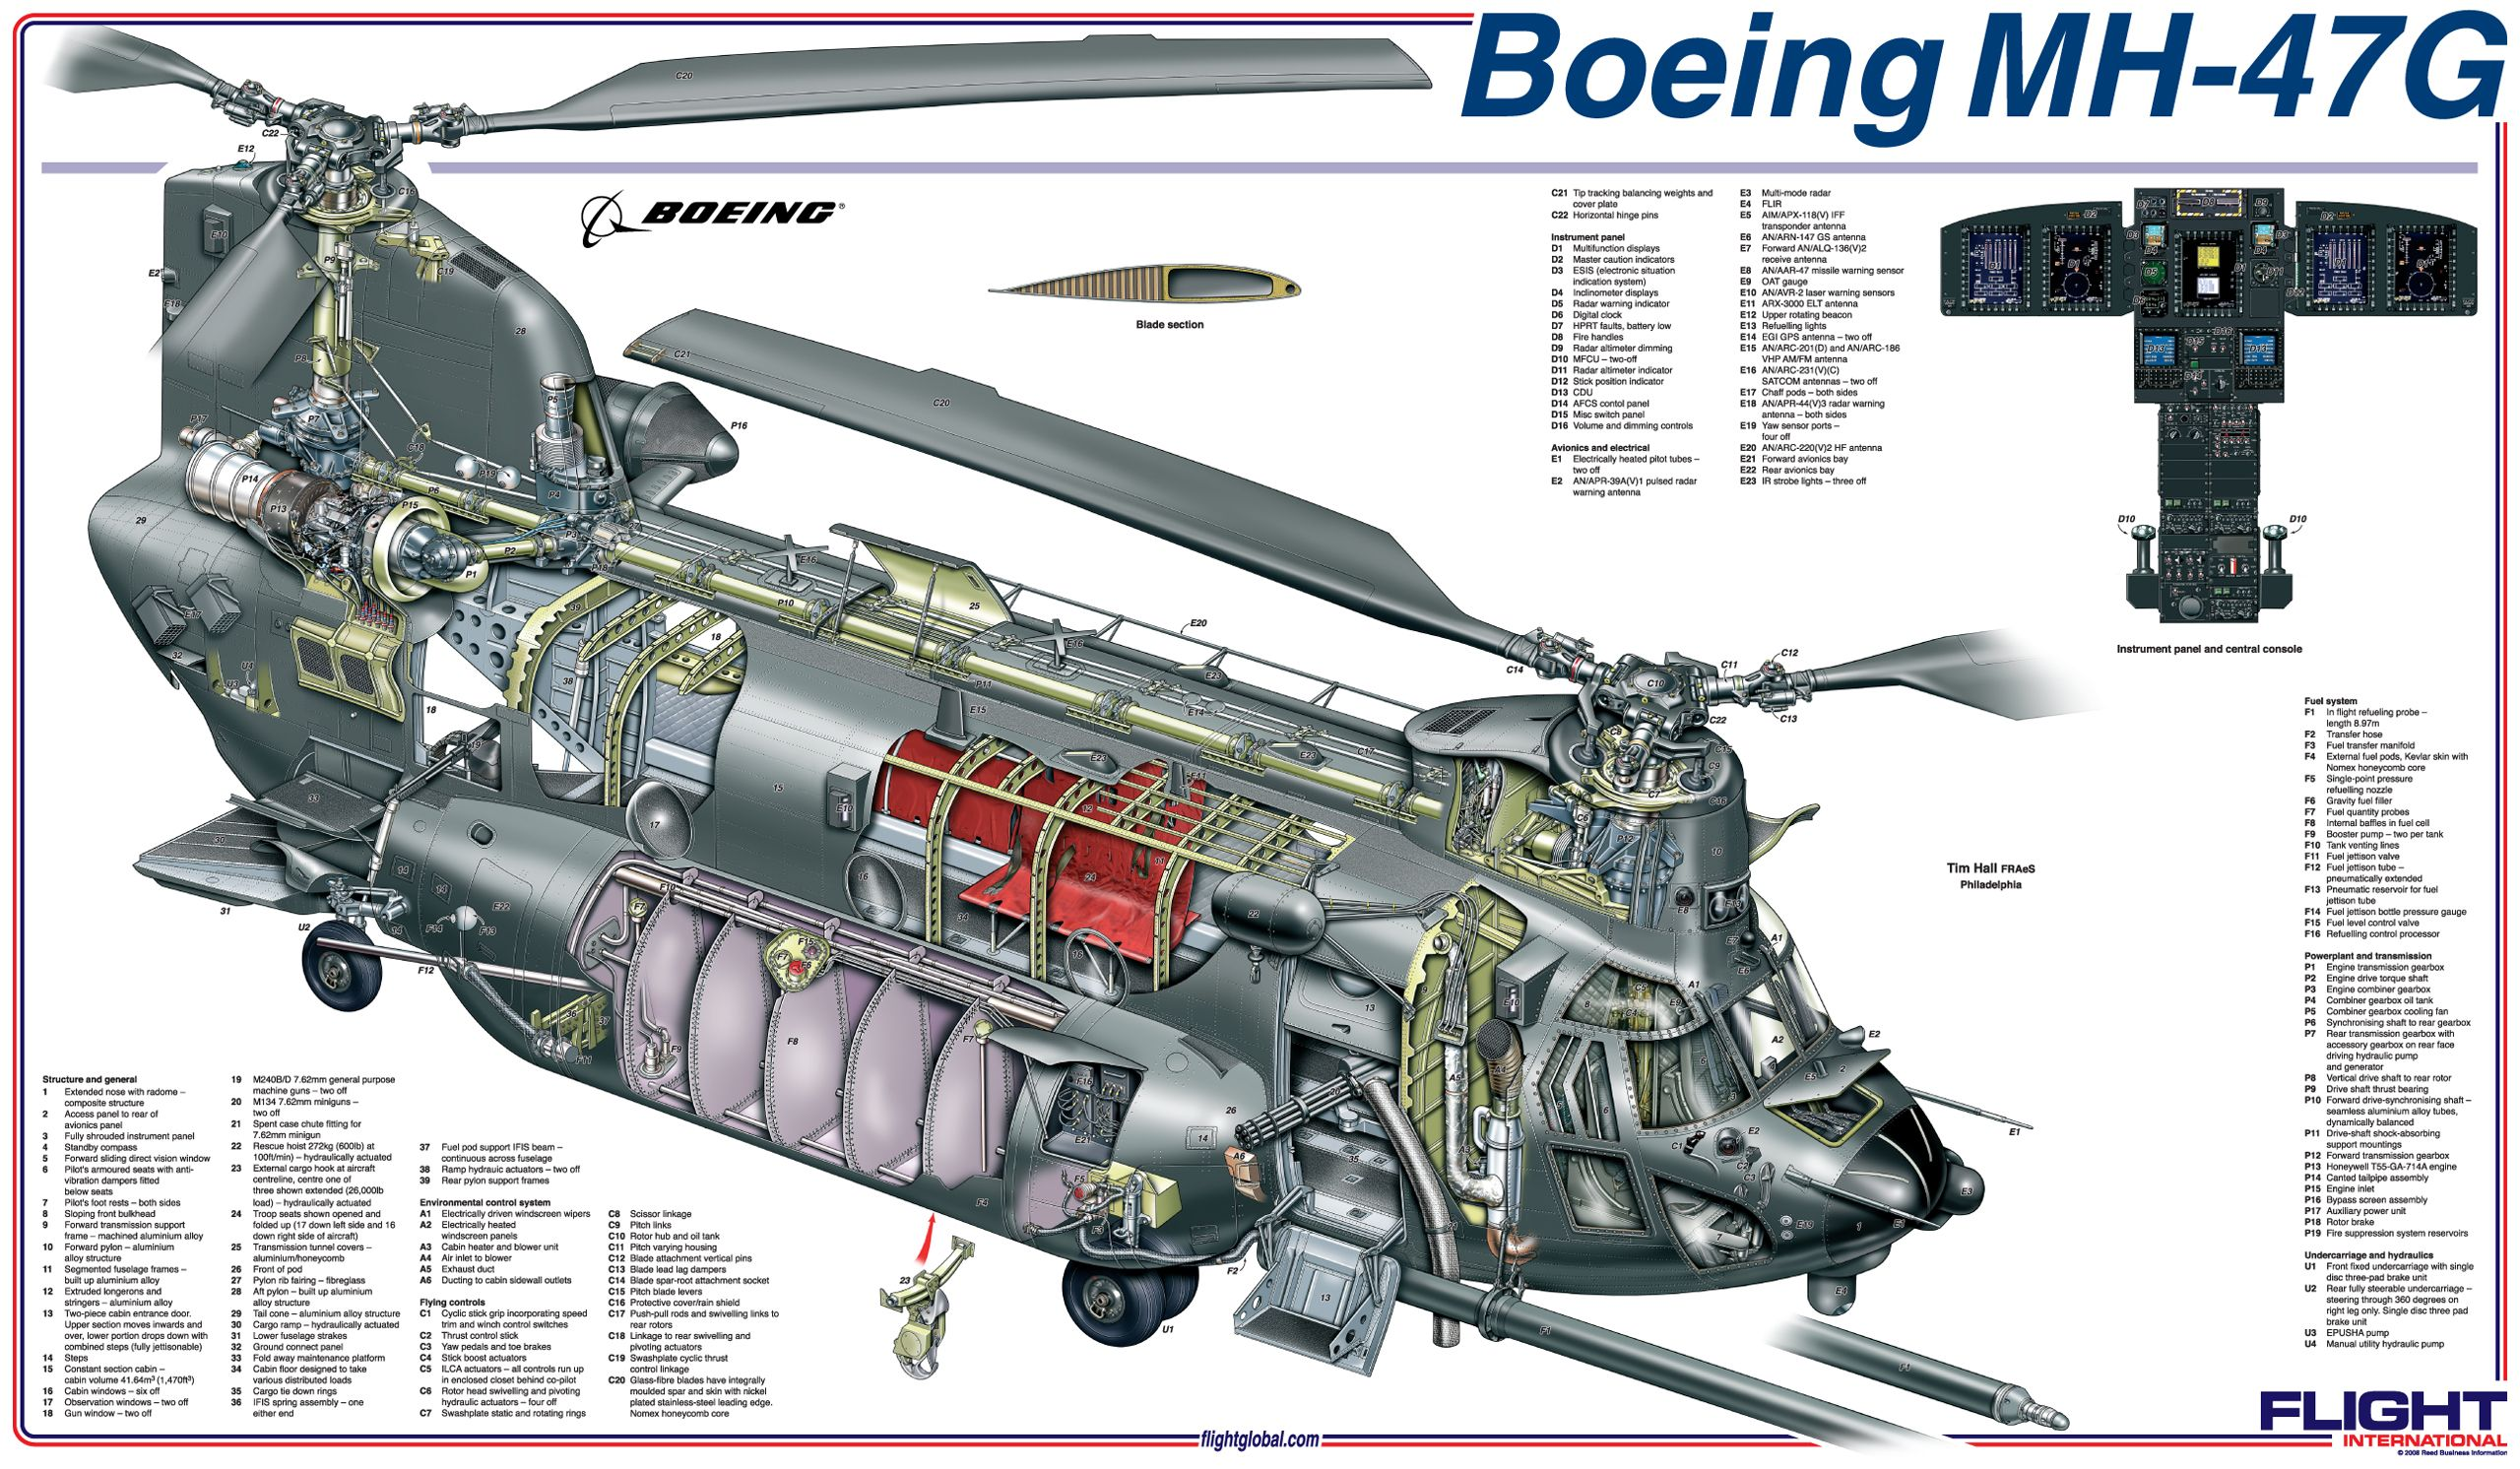 Boeing MH47G (Görüntüler ile) Helikopter, Uçak, Savaş